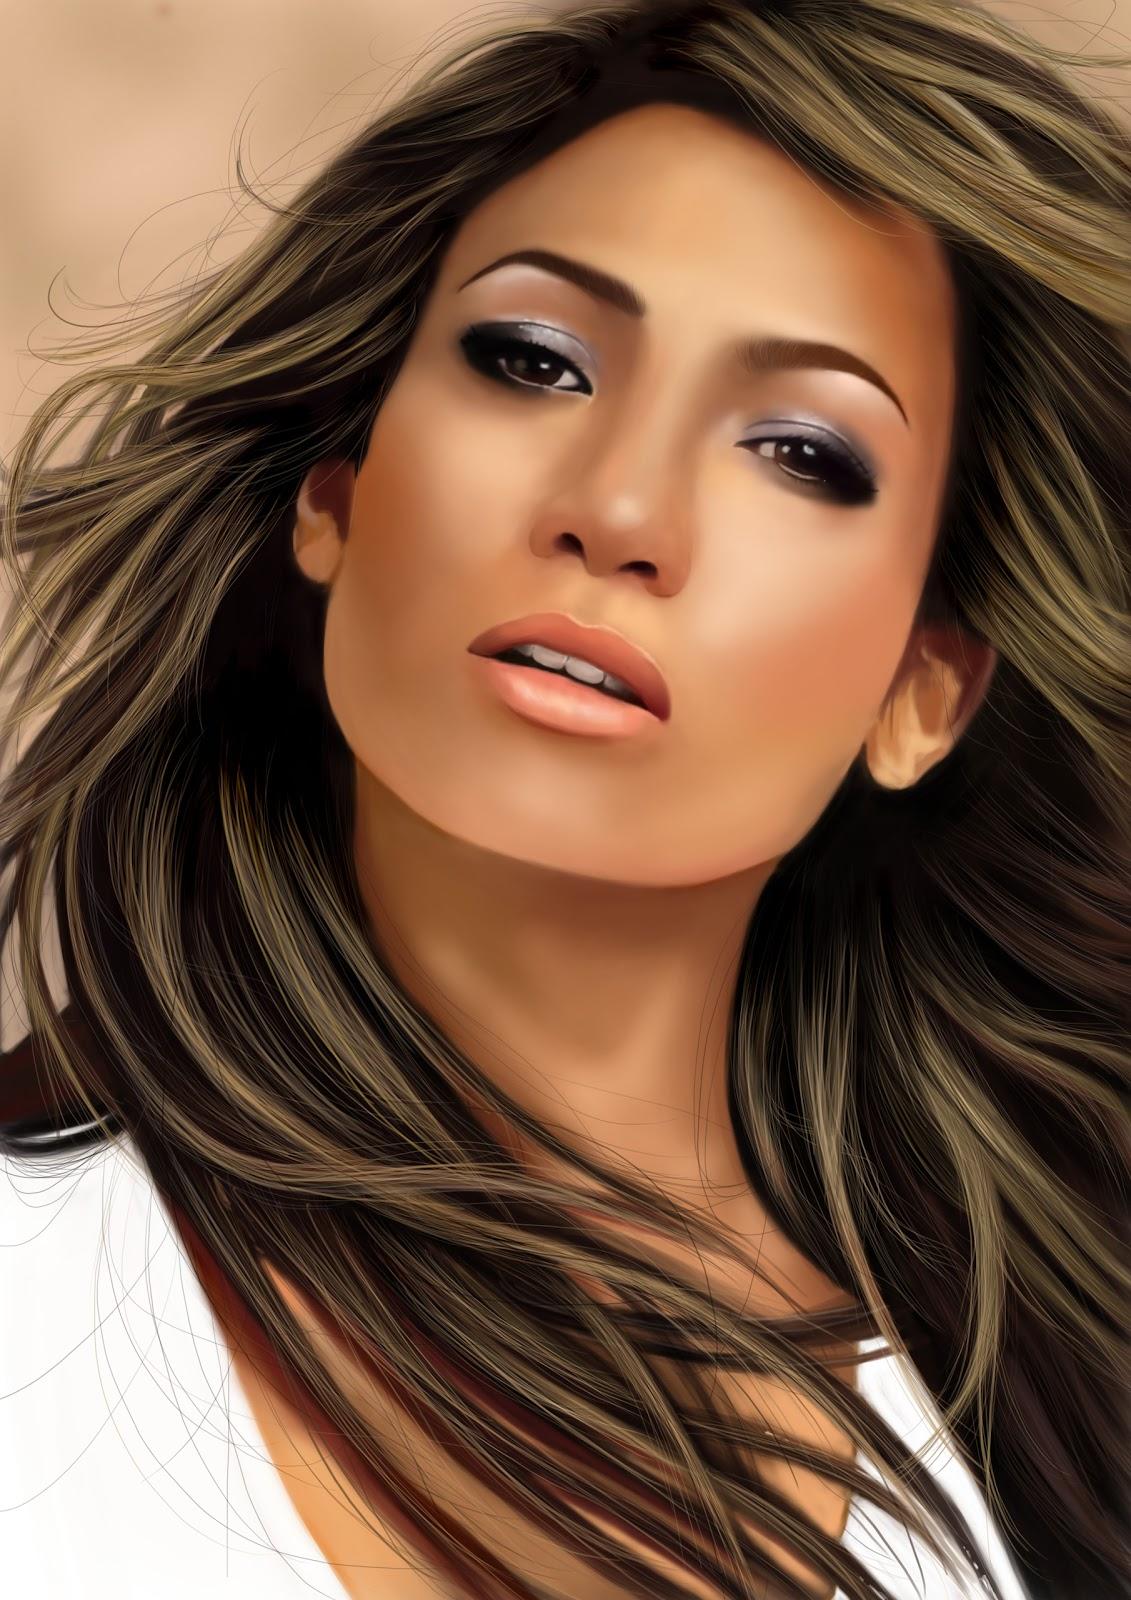 http://3.bp.blogspot.com/-zpto2I8YatI/UBF1GIqPQlI/AAAAAAAAAEY/Q1DmP1JzTVk/s1600/jennifer_lopez.jpg#Jennifer%20Lopez%201131x1600